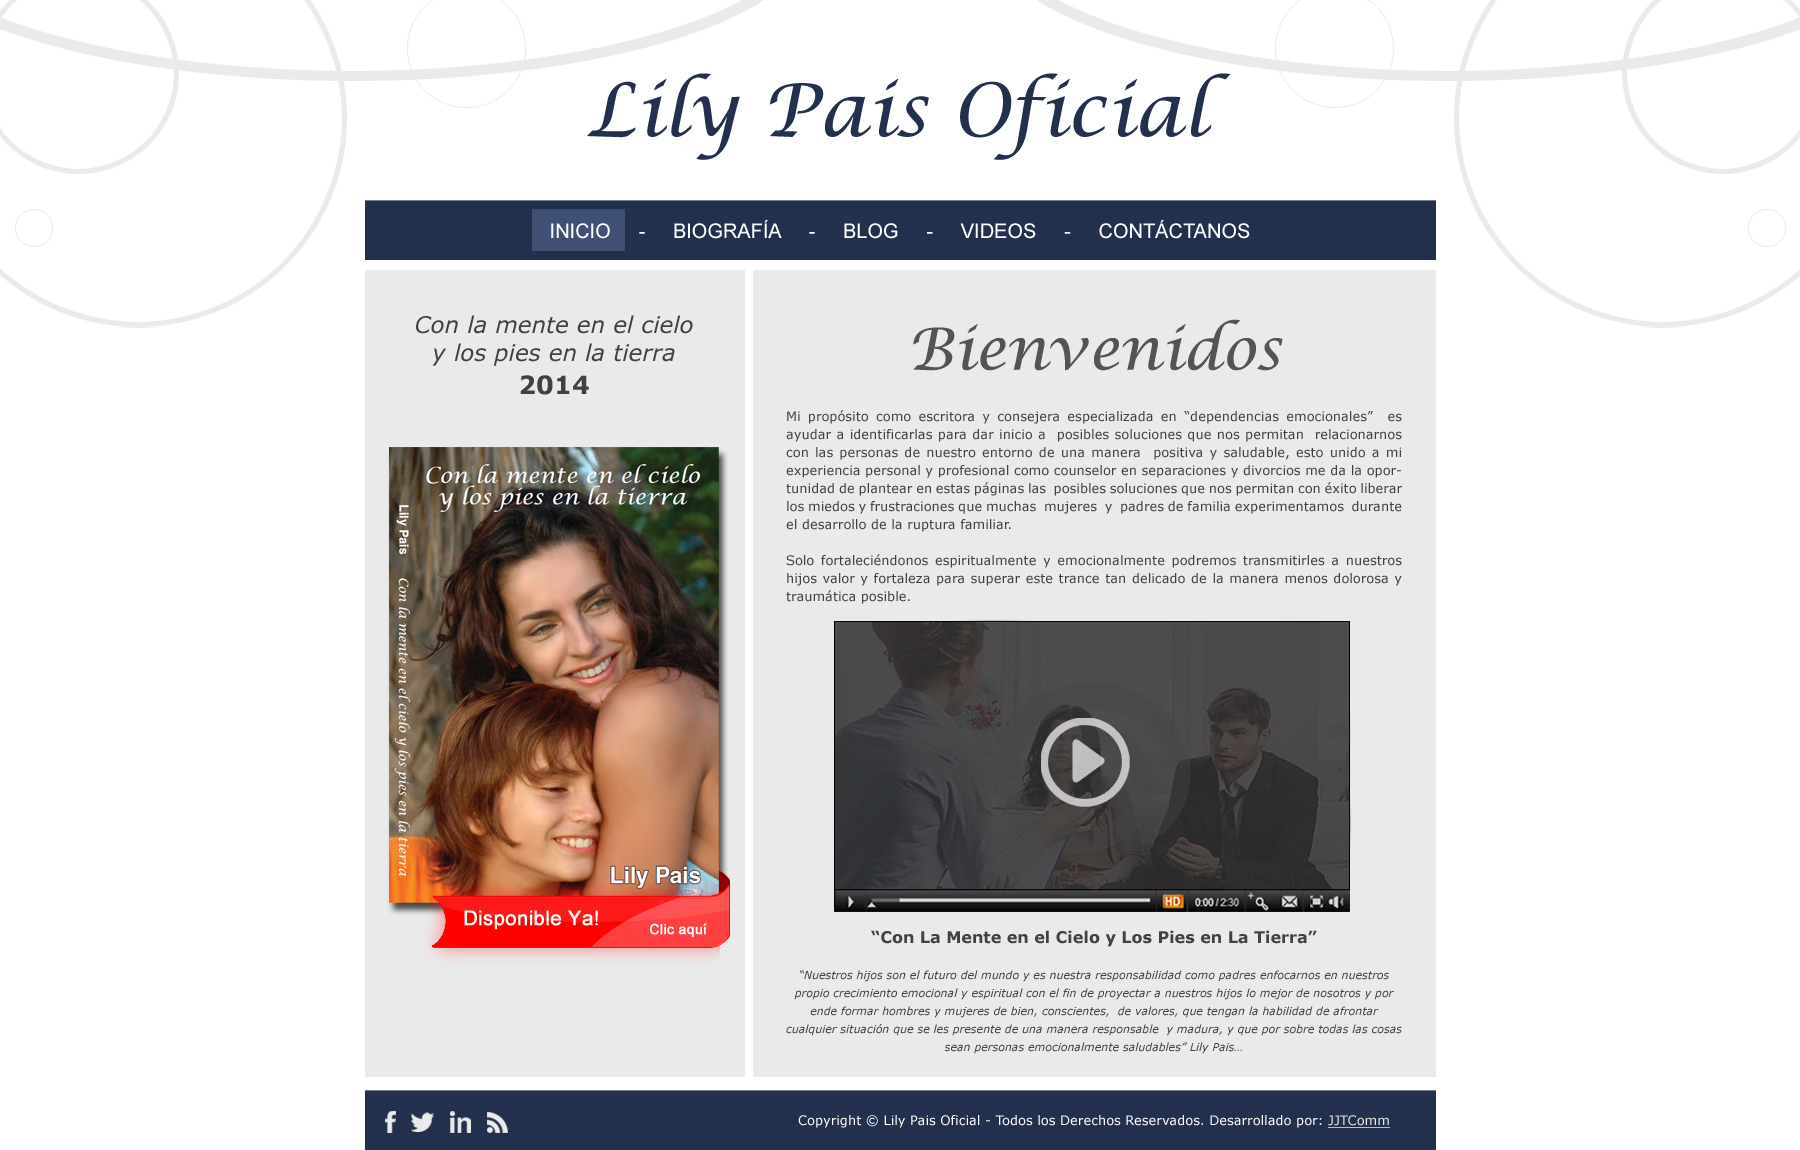 Lily País